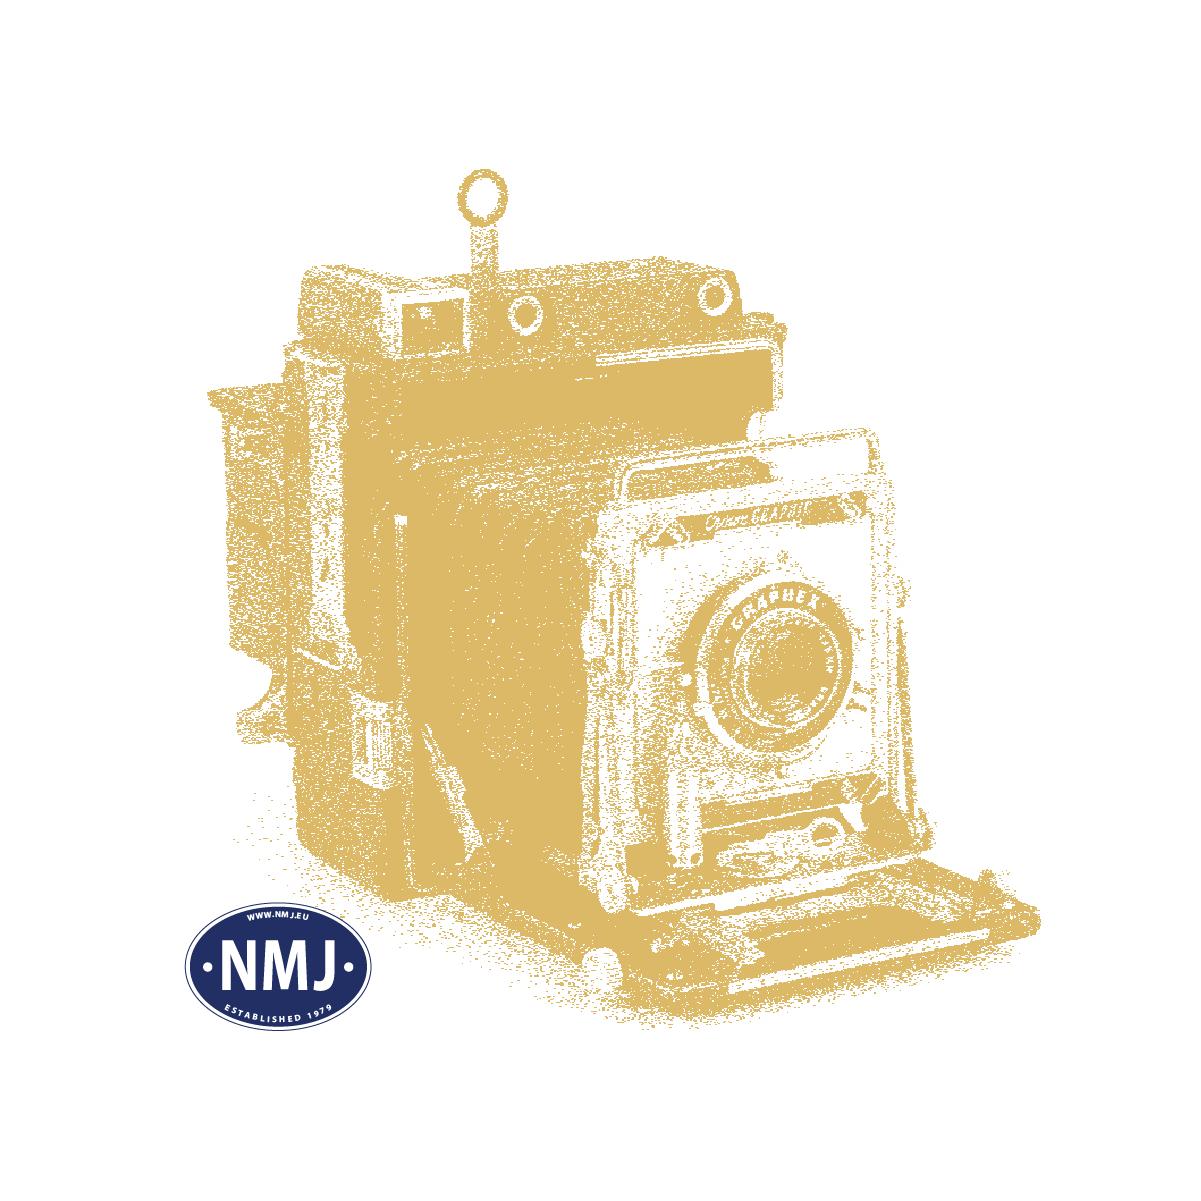 NMJS30b347 - NMJ Superline NSB Type 30b 347, Sen Driftsversjon